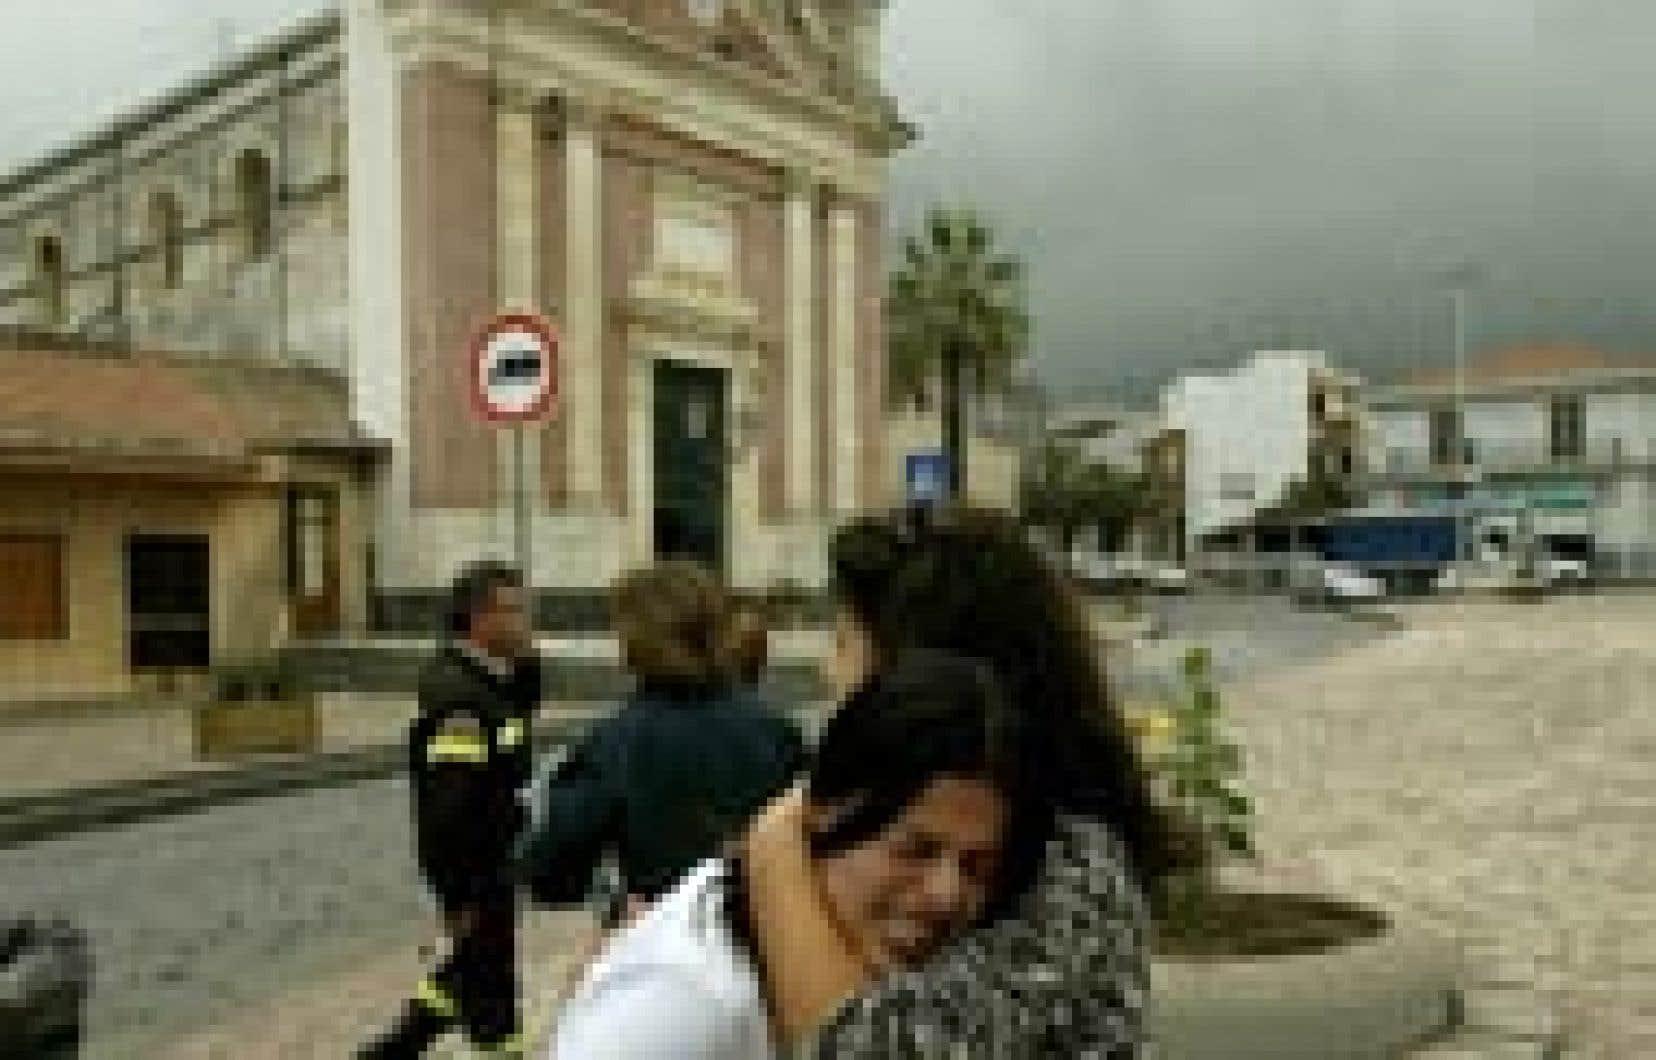 Deux femmes se réconfortent à la suite du tremblement de terre qui a secoué la ville de Santa Venerina, hier. Depuis le réveil, il y a trois jours, de l'Etna, le volcan le plus actif d'Europe, une série de secousses ont frappé l'est de la Sicile, f